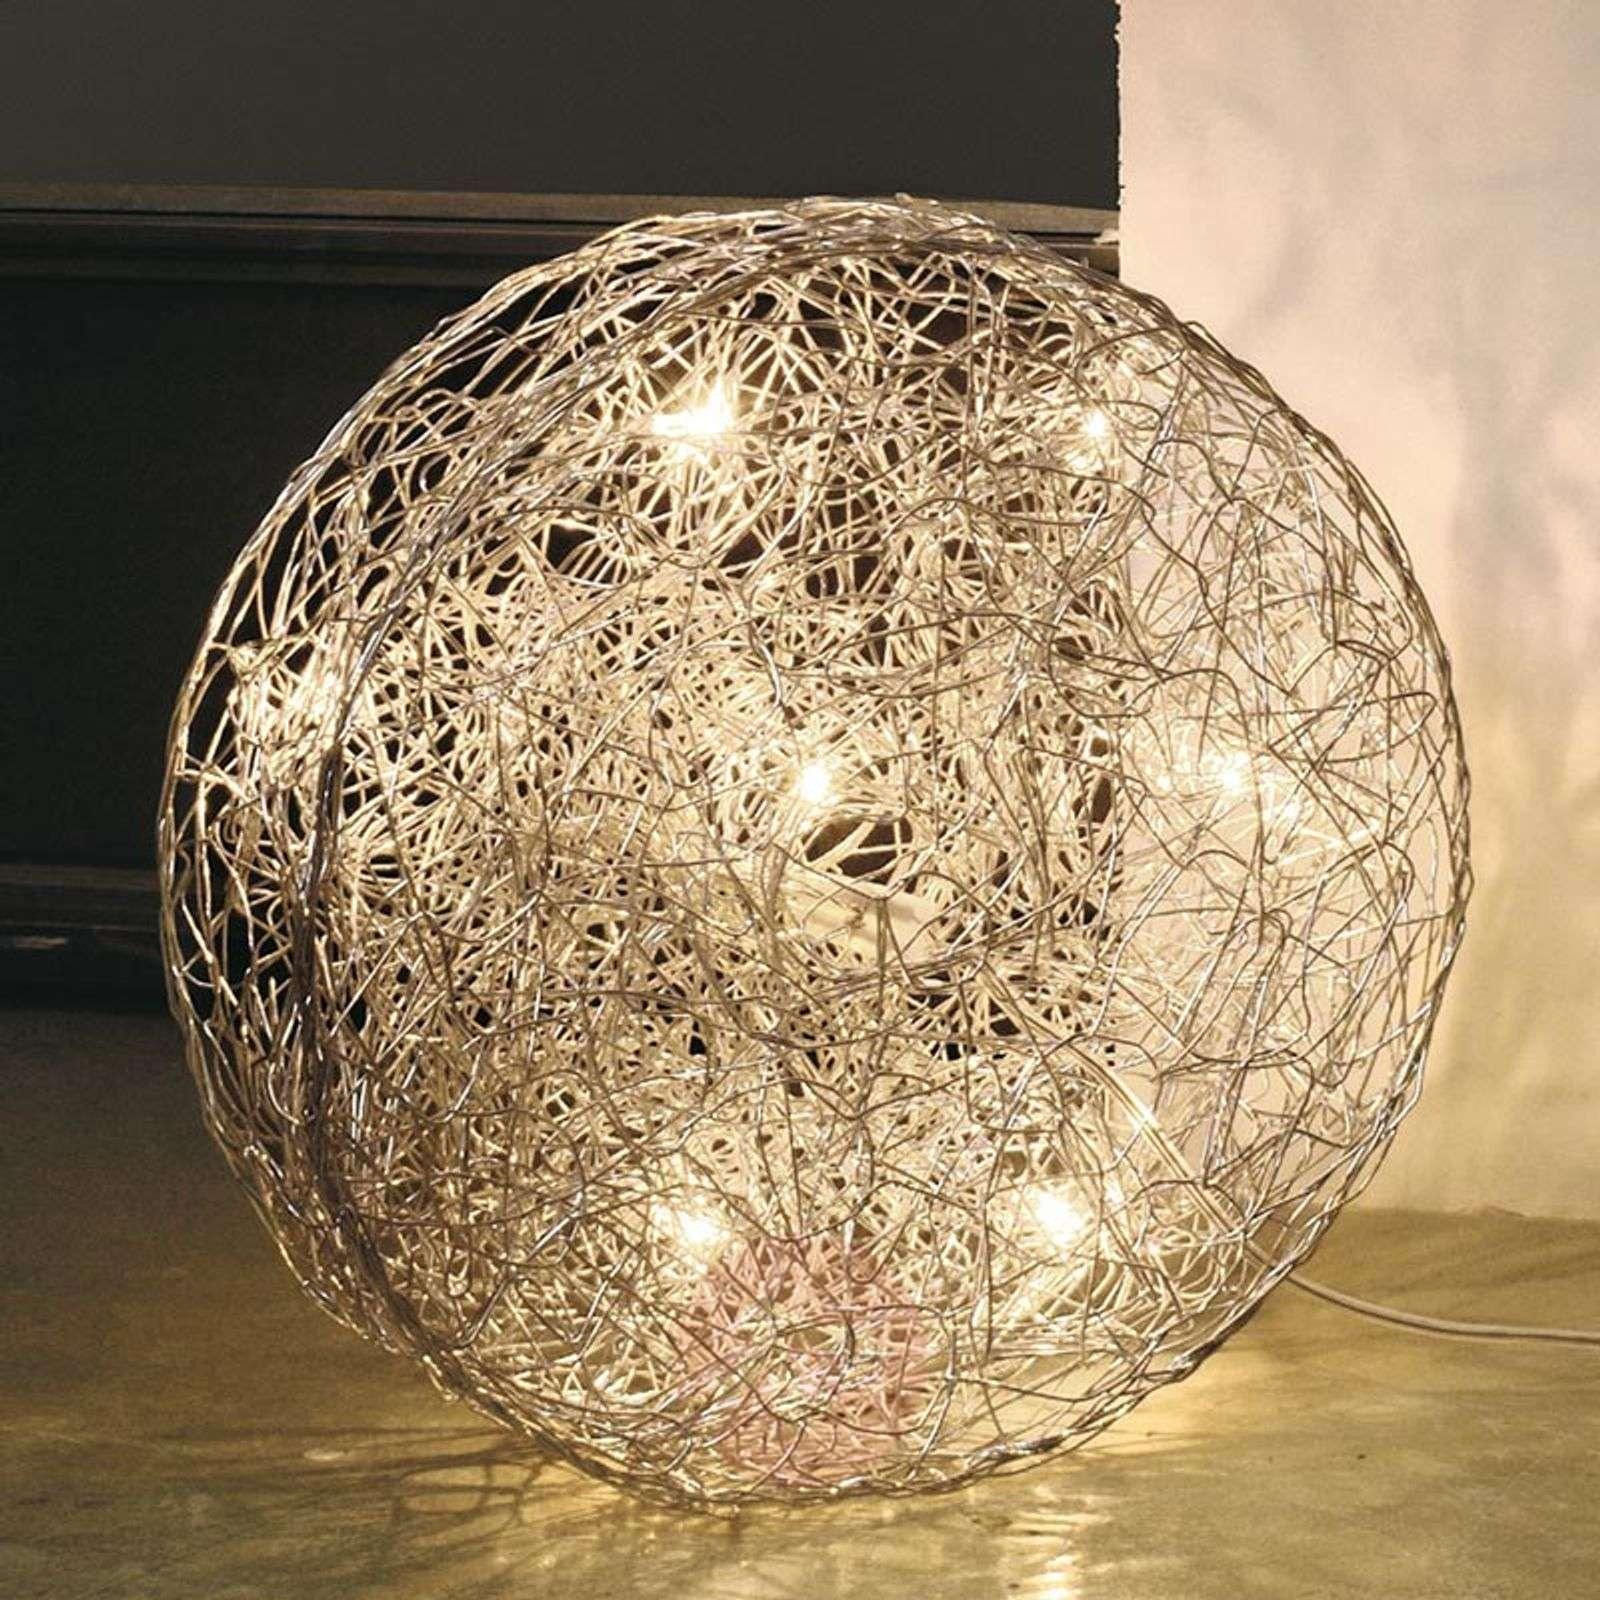 Rotola-design-lattiavalaisin, 40 cm halkaisija-5538047-01